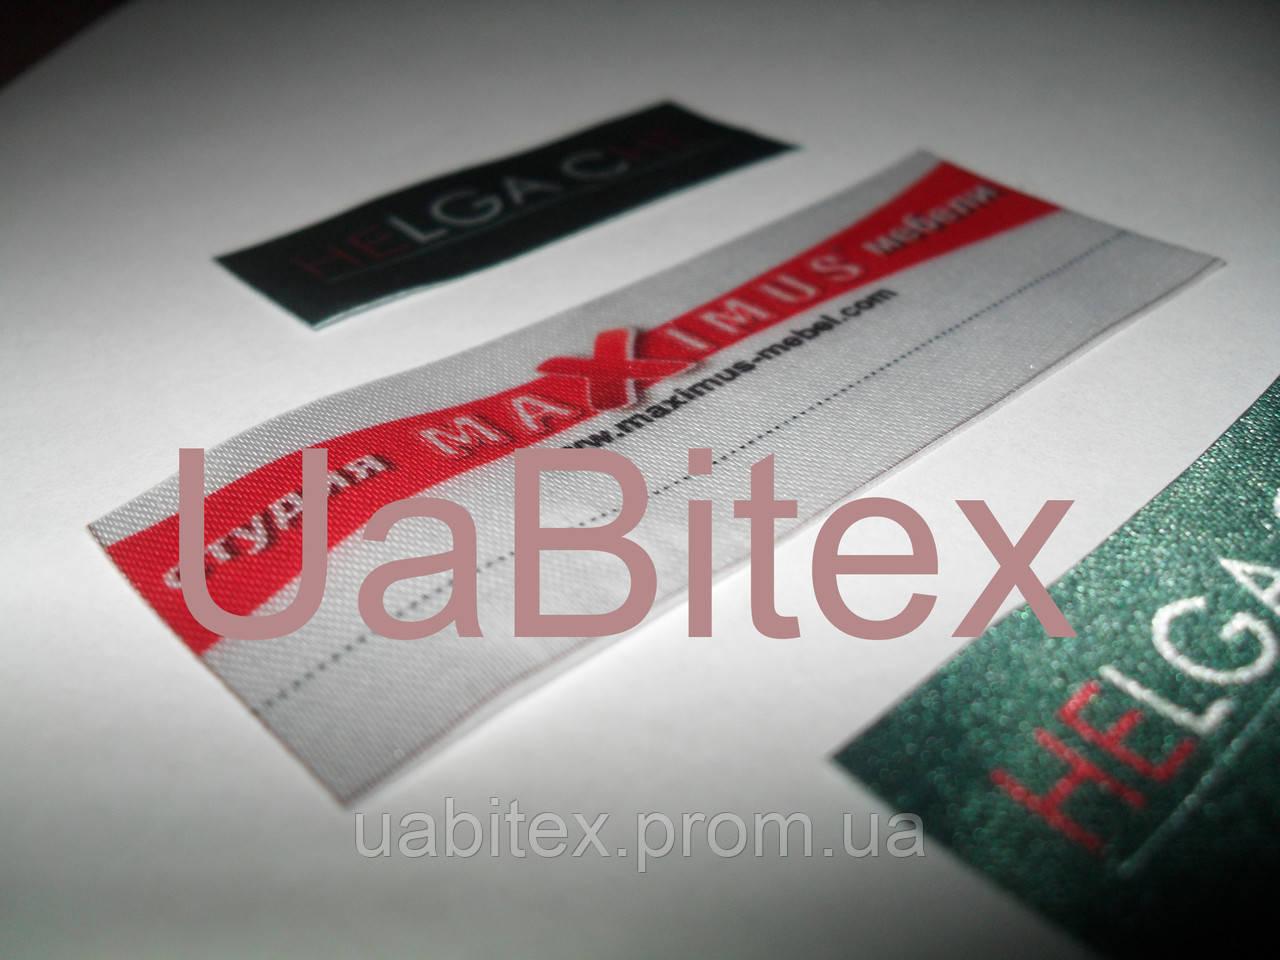 Изготовление бирок на одежду - UaBitex в Харькове